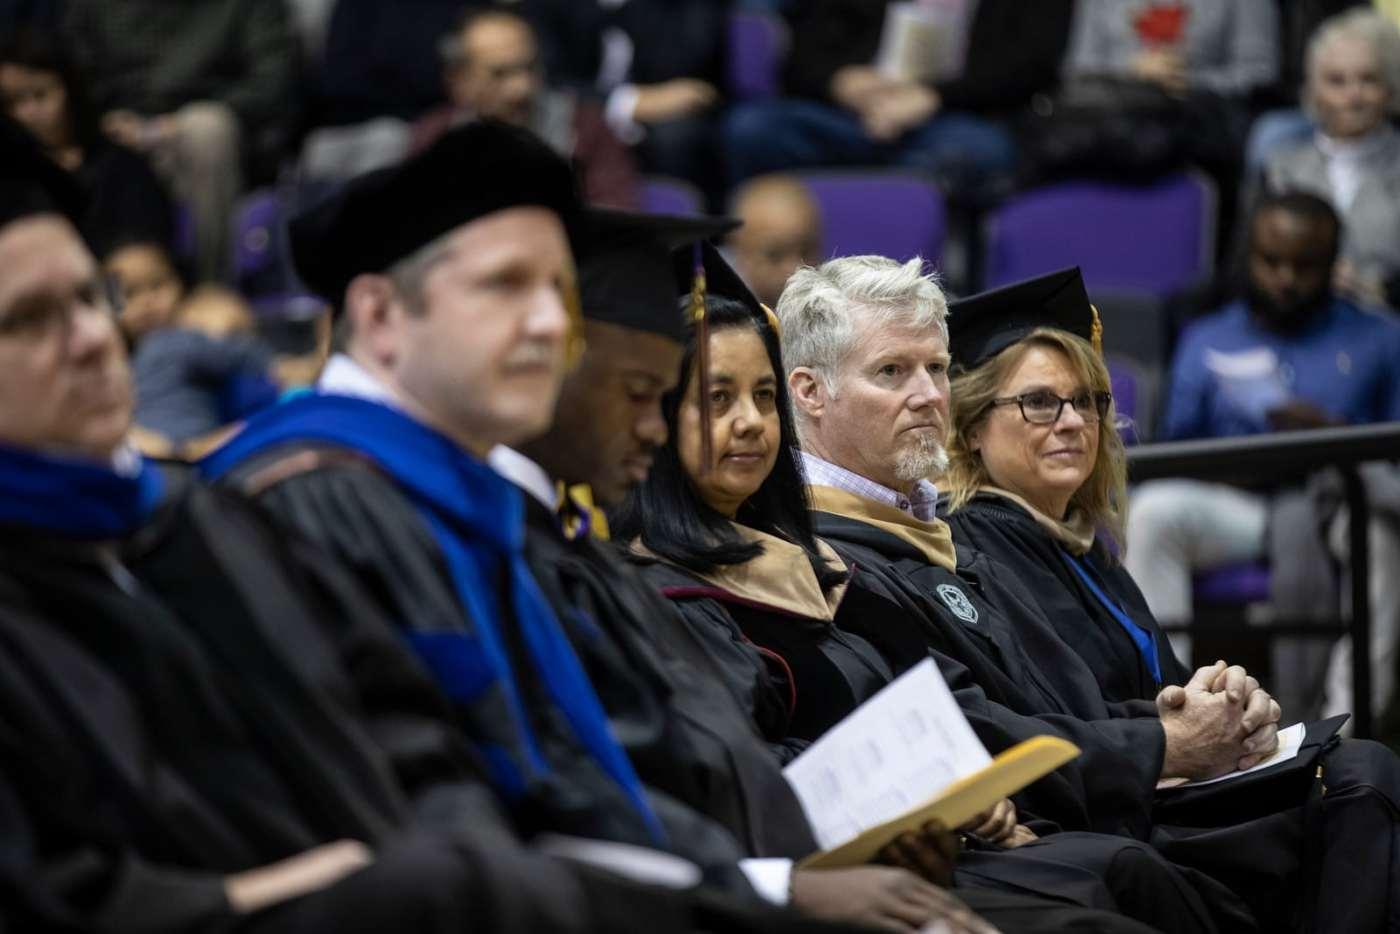 UNA Faculty at a graduation ceremony